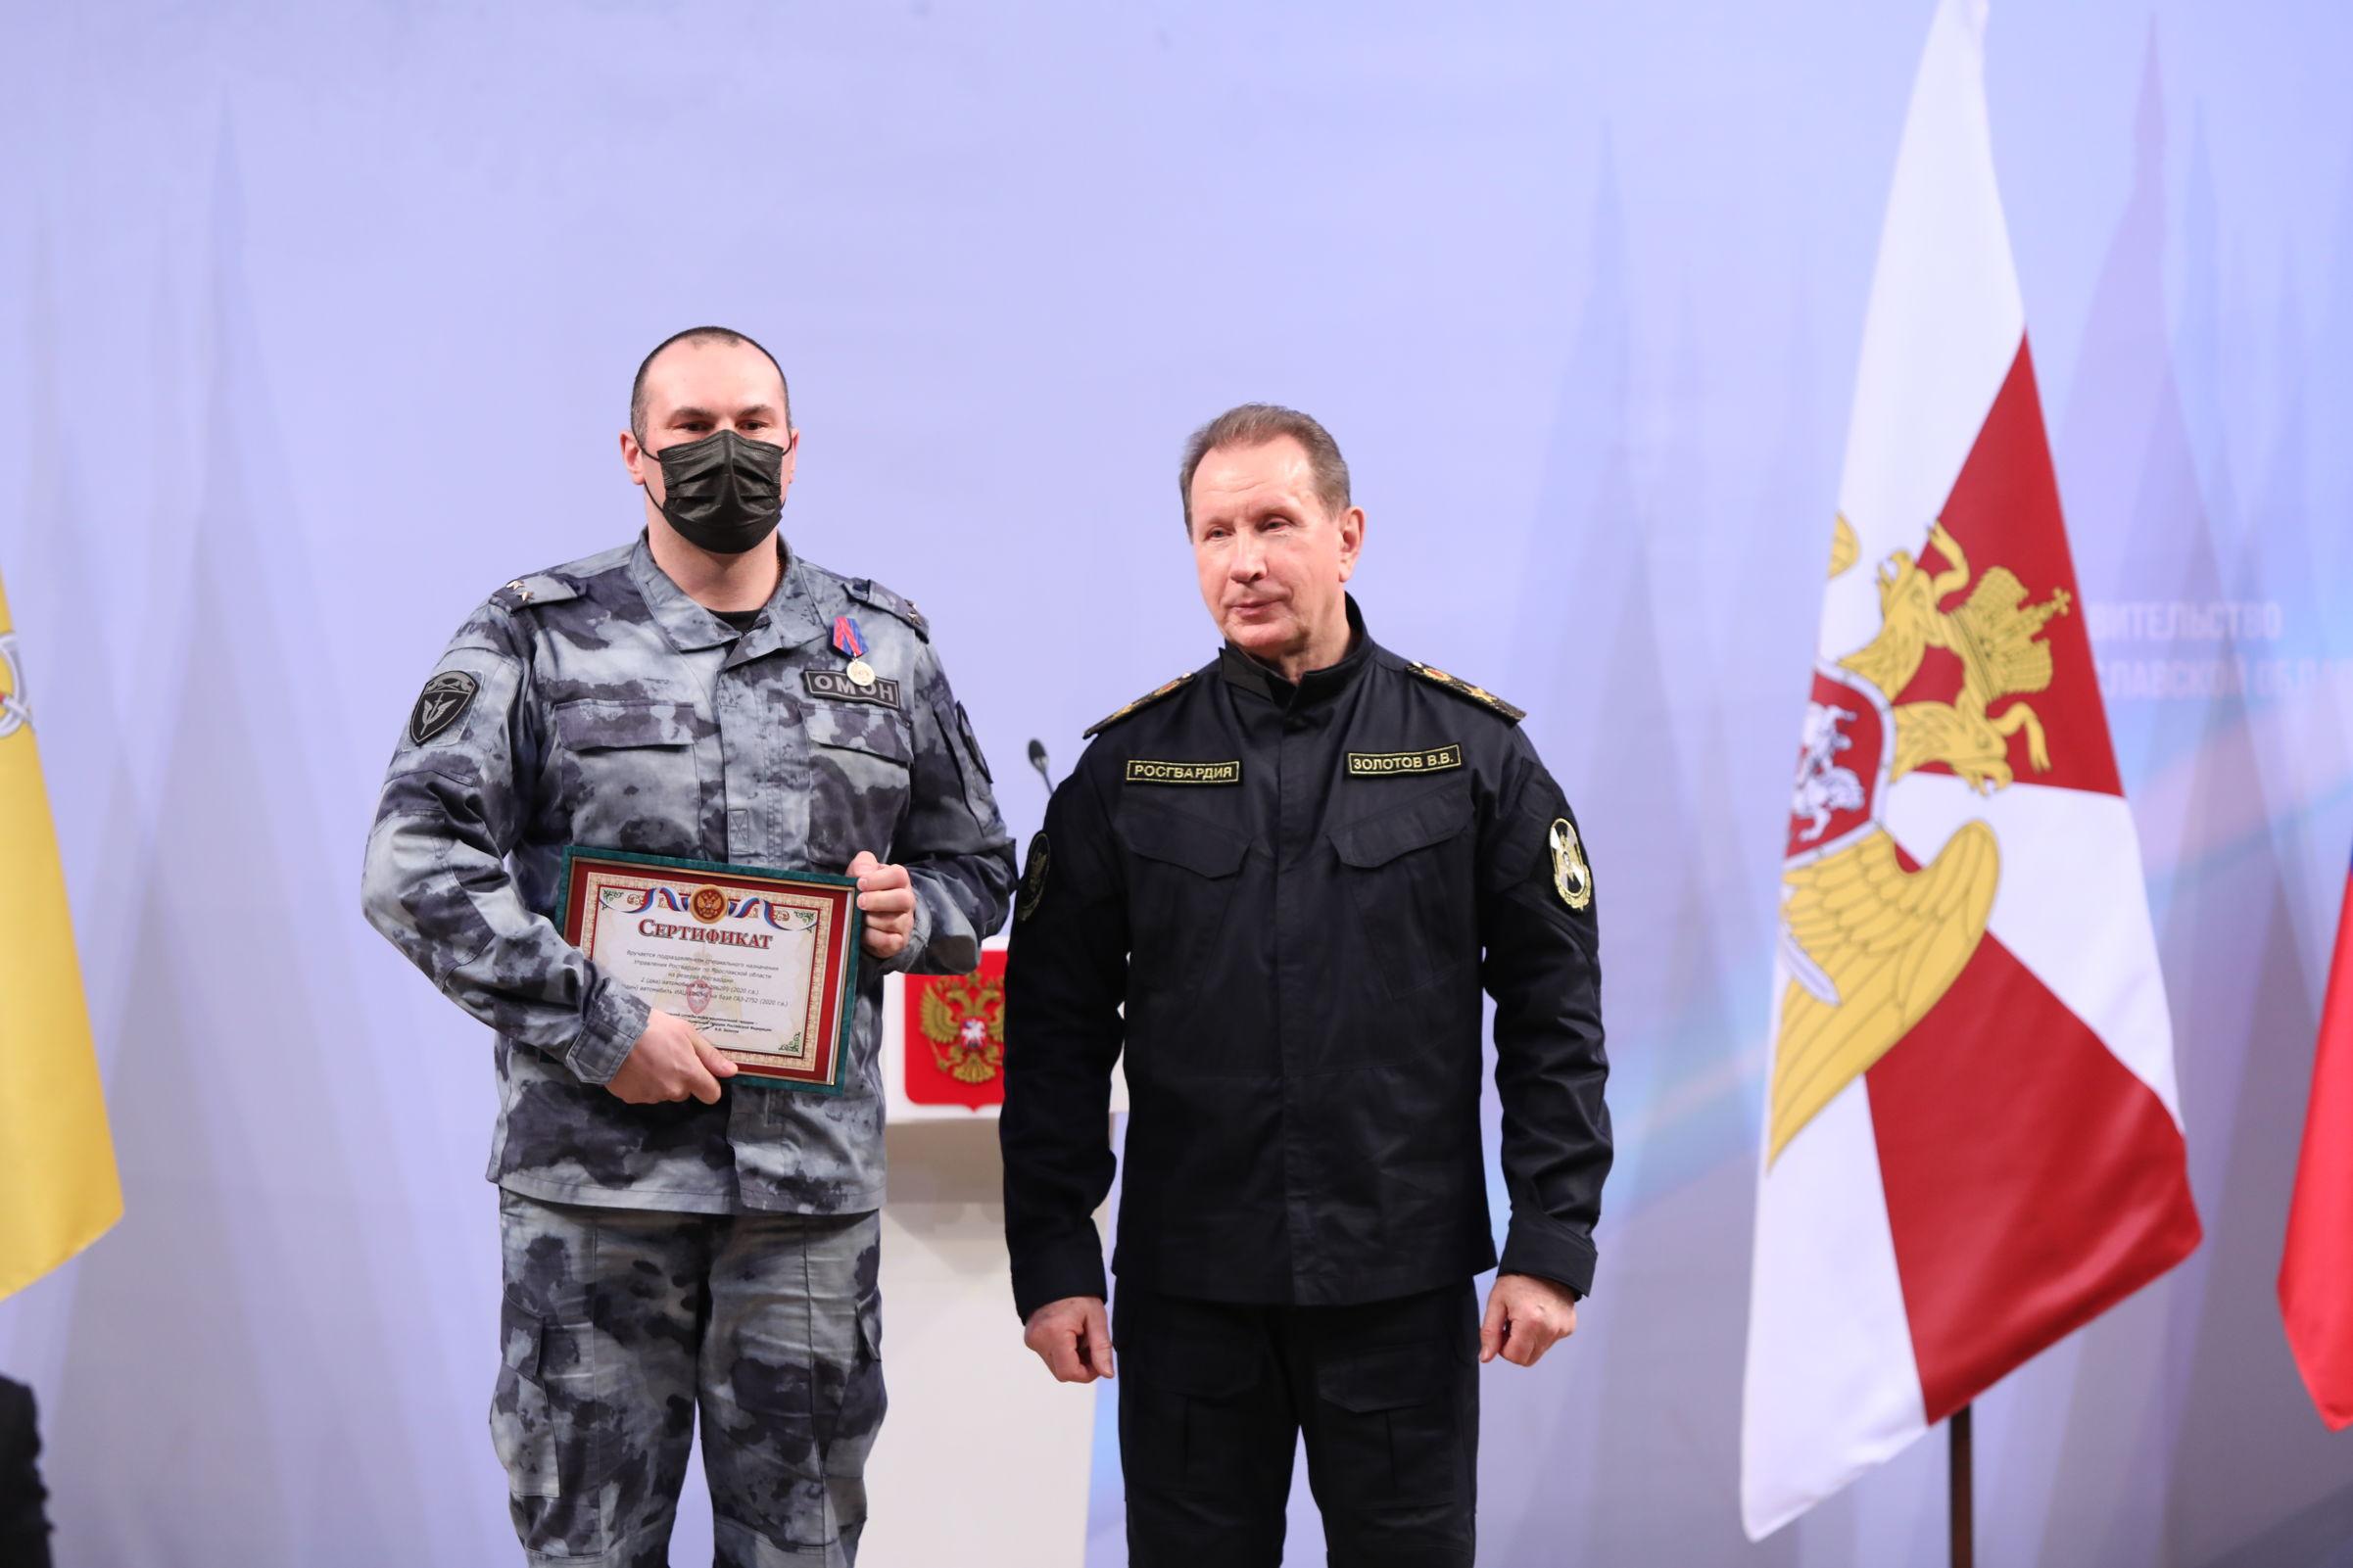 Дмитрий Миронов и Виктор Золотов вручили награды сотрудникам Росгвардии